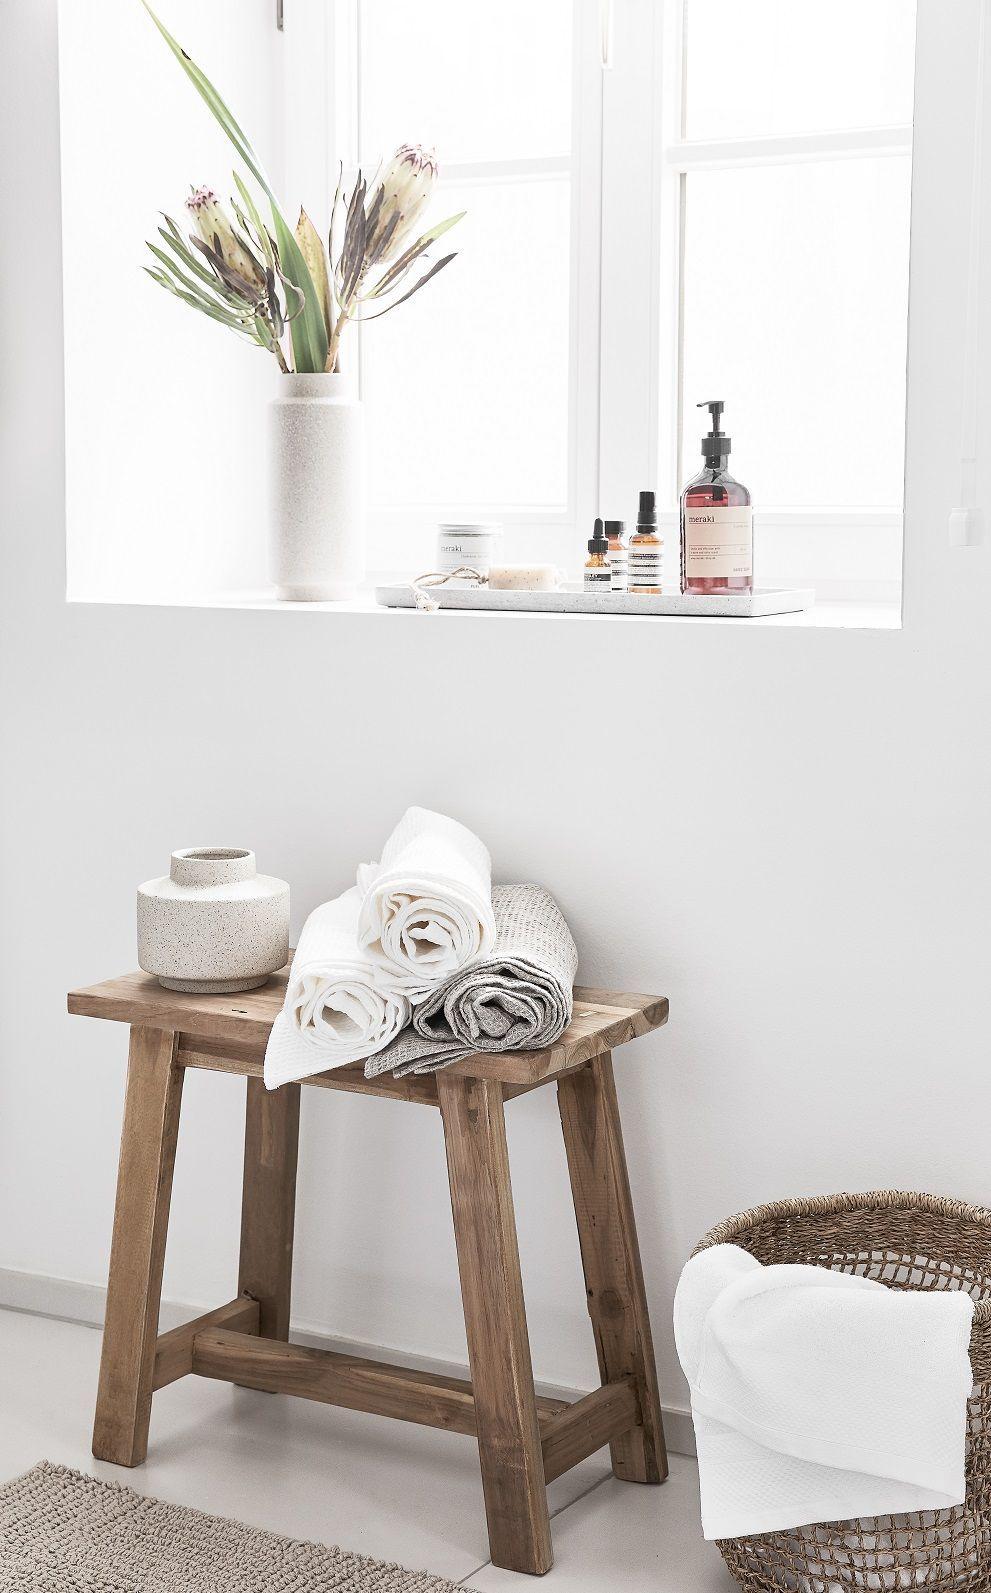 Als Was Ein Hocker Alles Zu Gebrauchen Ist In Diesem Badezimmer Wird Der Rustikale Holzhocker Lawas Mal Eben Zum Beistelltisc Holzhocker Haus Deko Hocker Holz